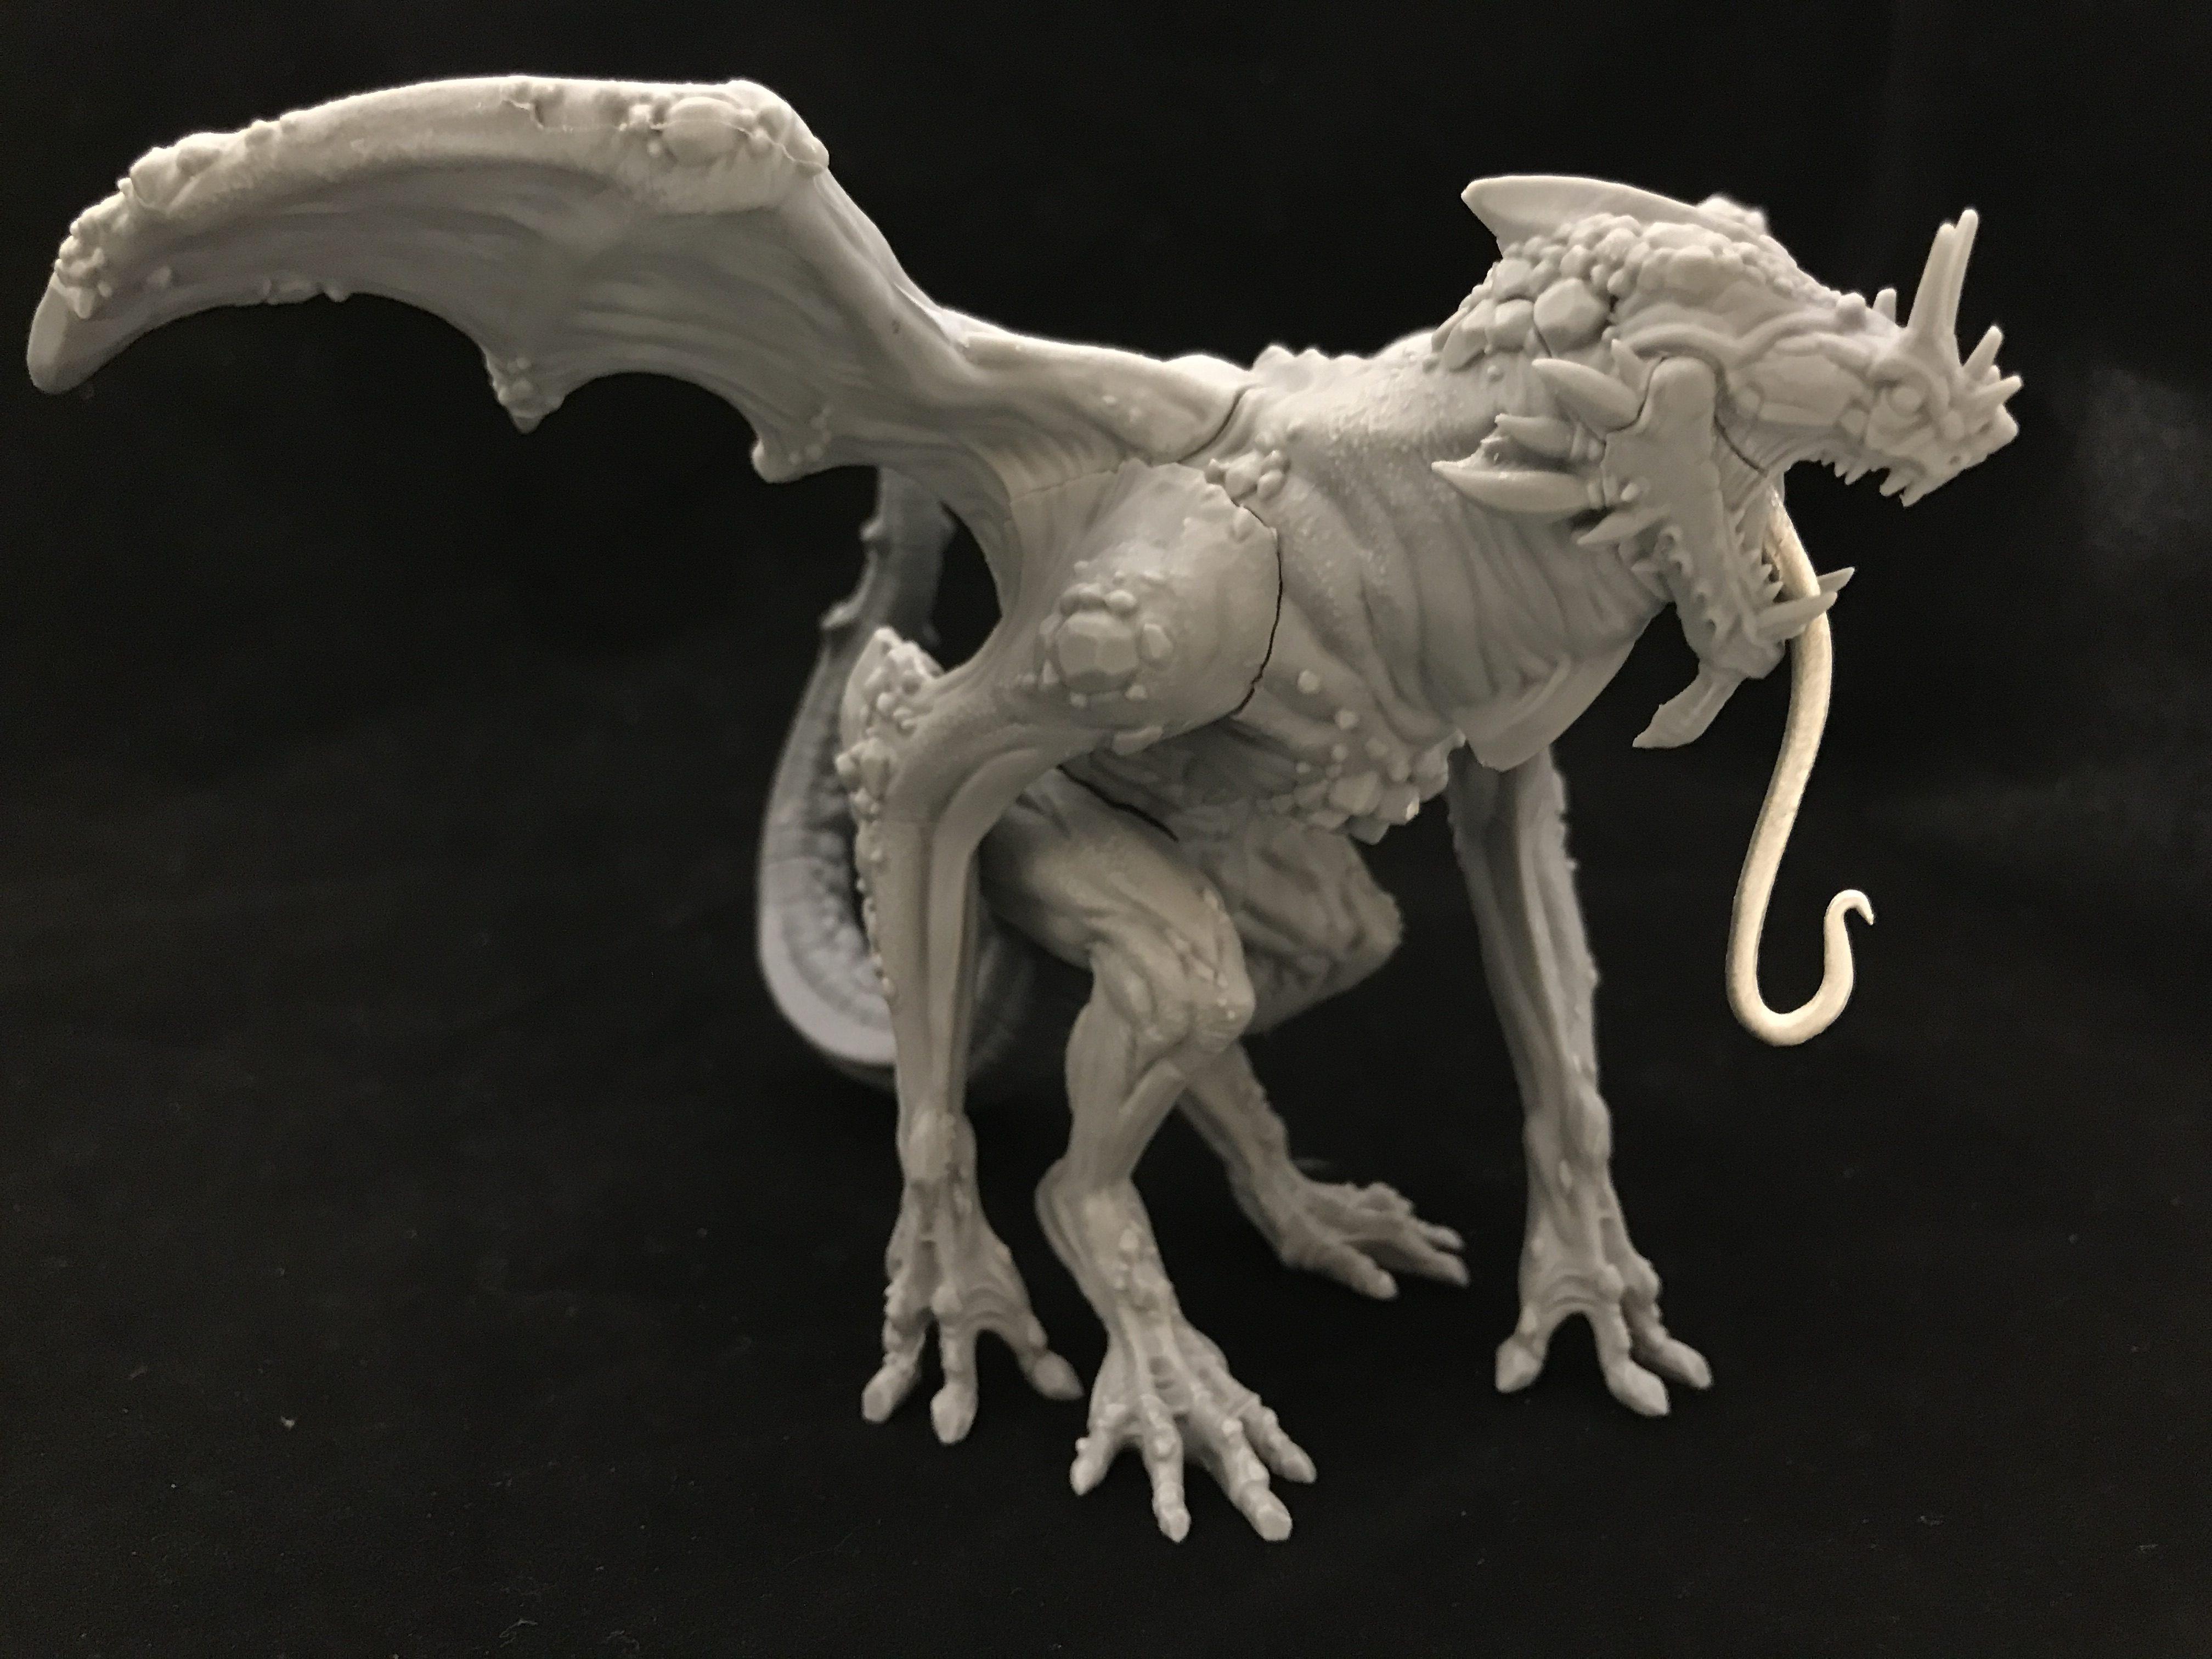 trenchworx for mcdm resin cast dragons